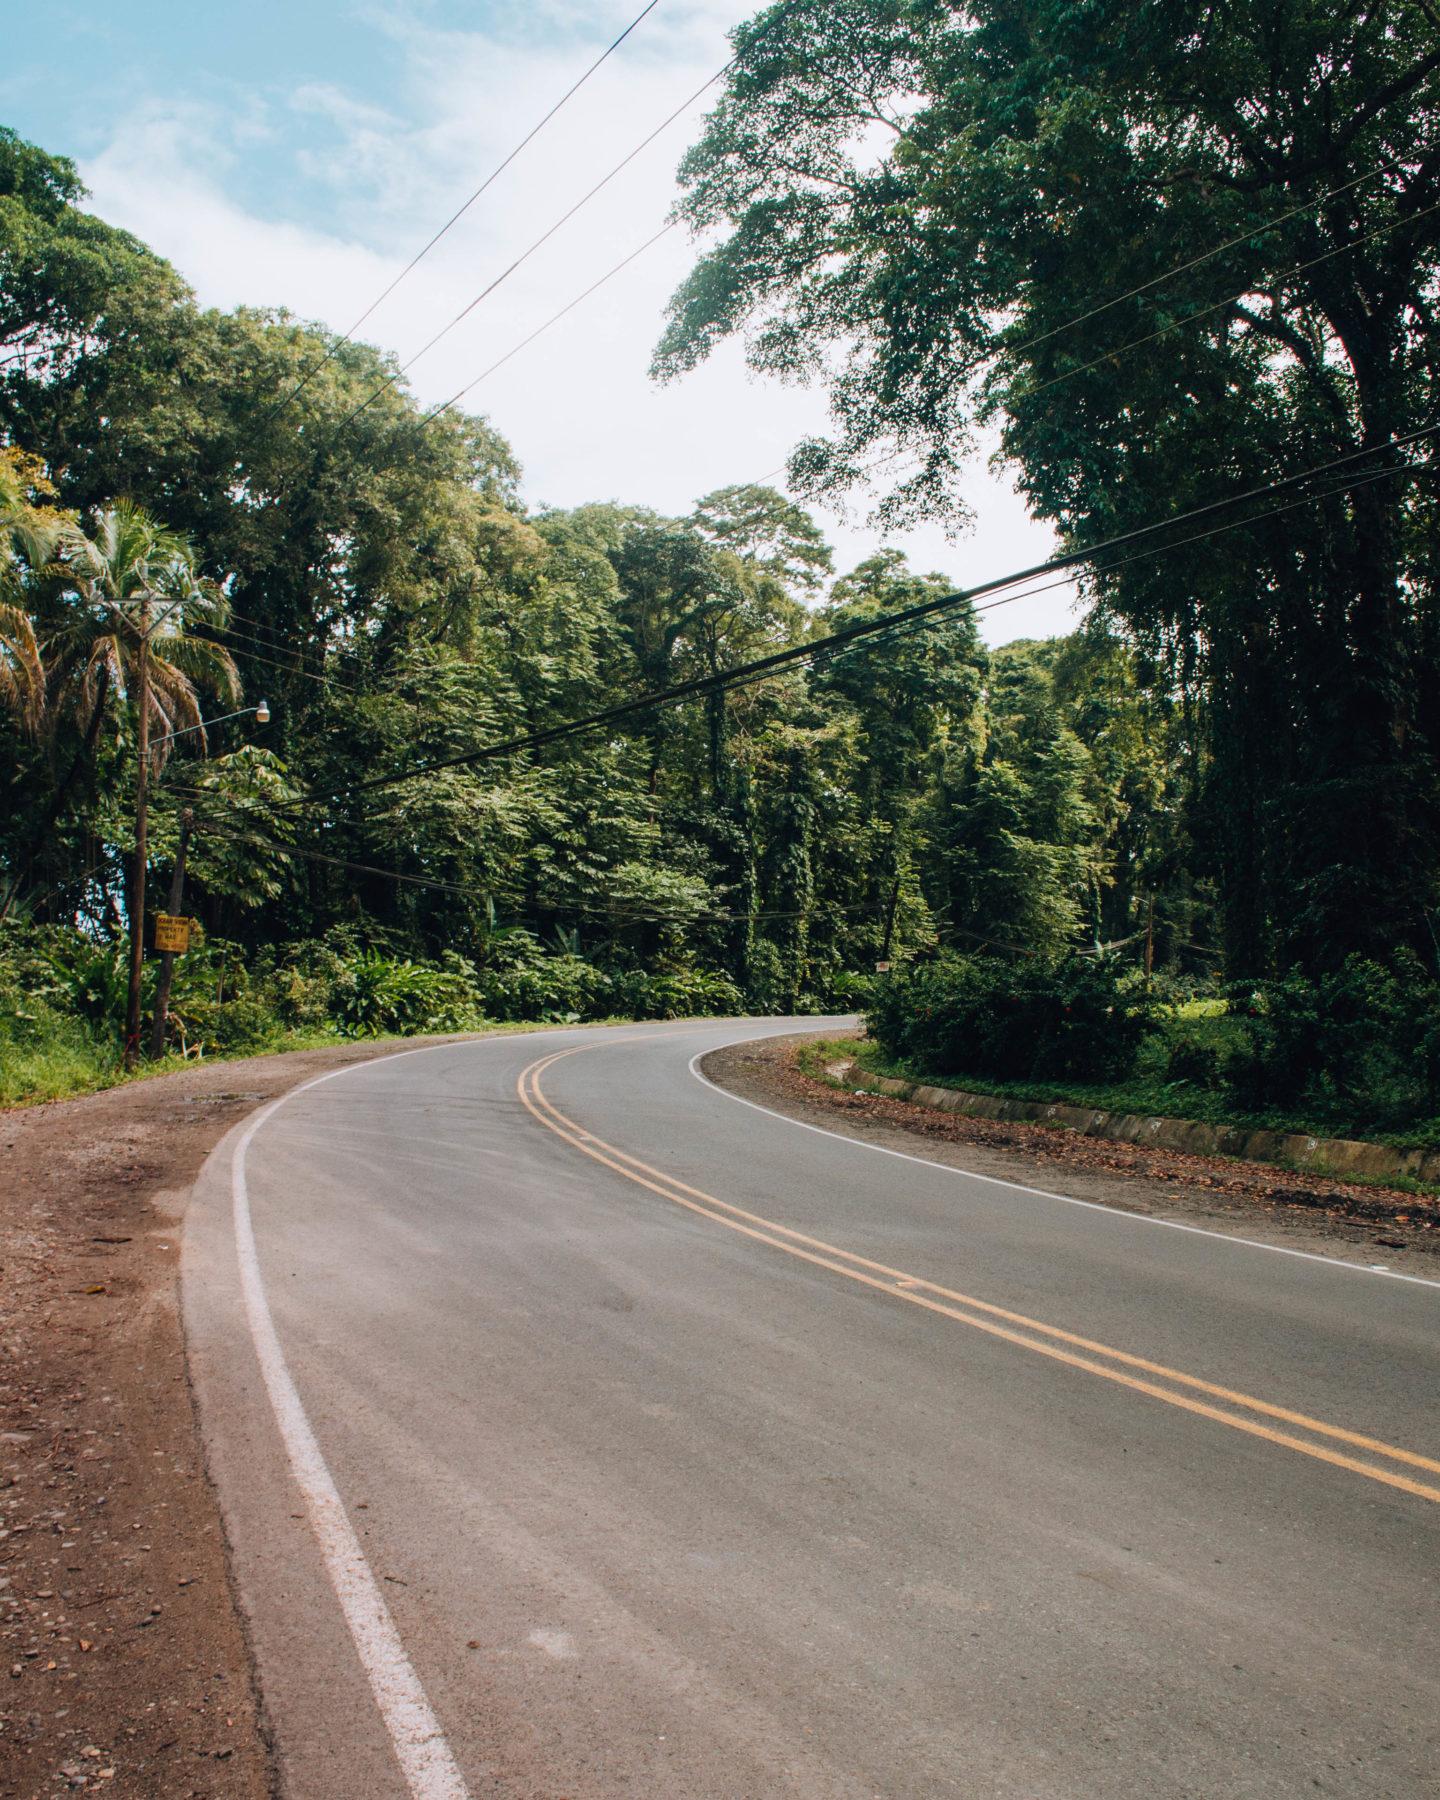 strada che attraversa foresta